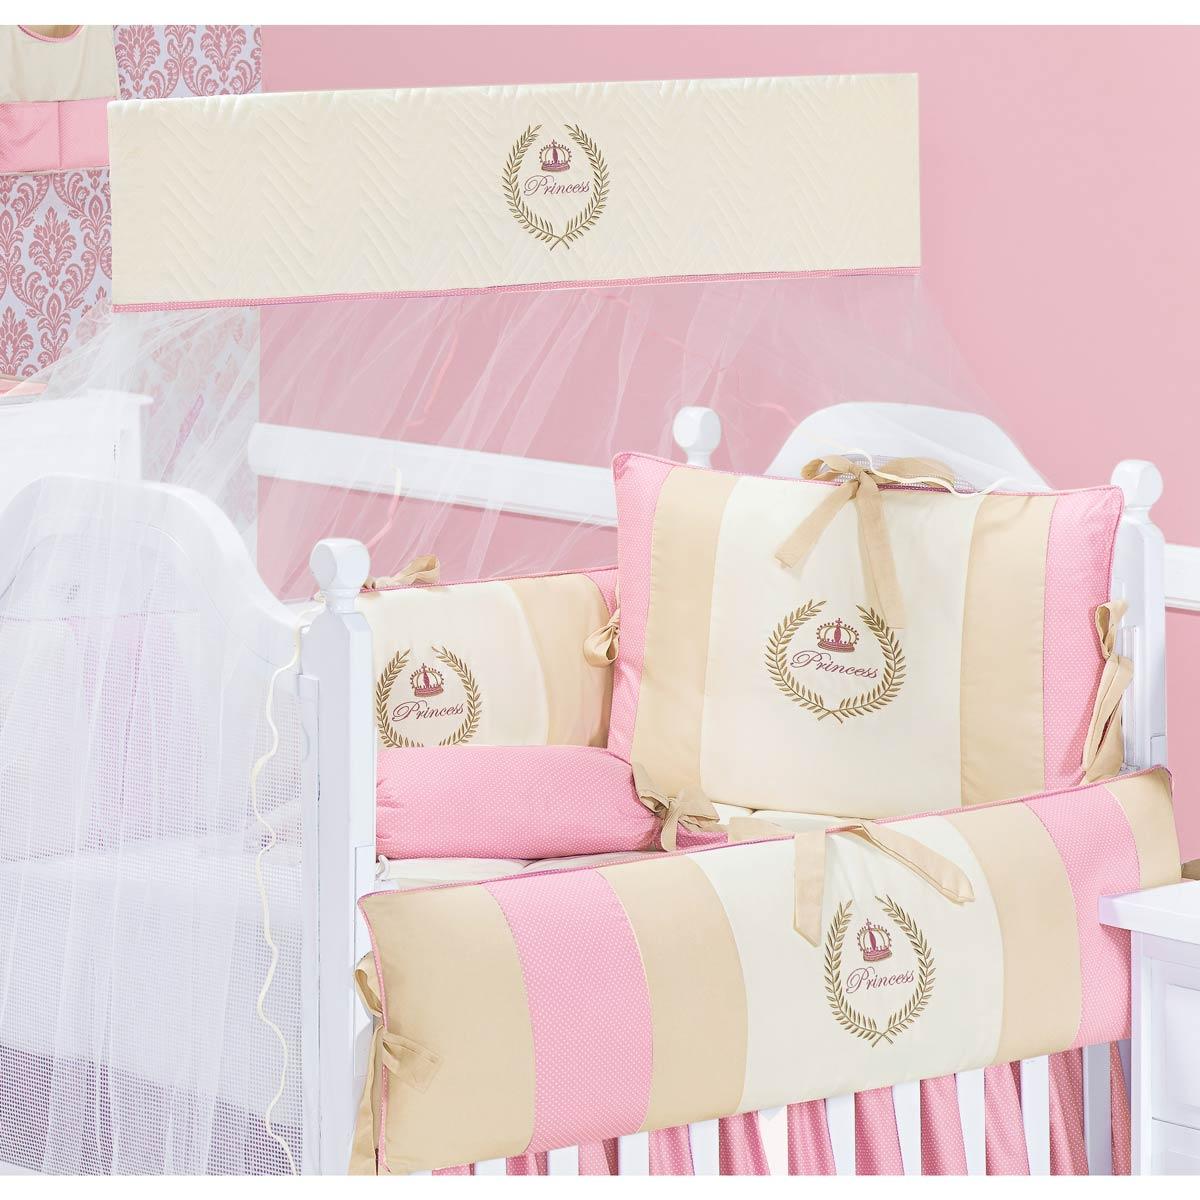 Coleção Completa para Quarto de Bebê My Princess Rose 100% Algodão - 21 Peças